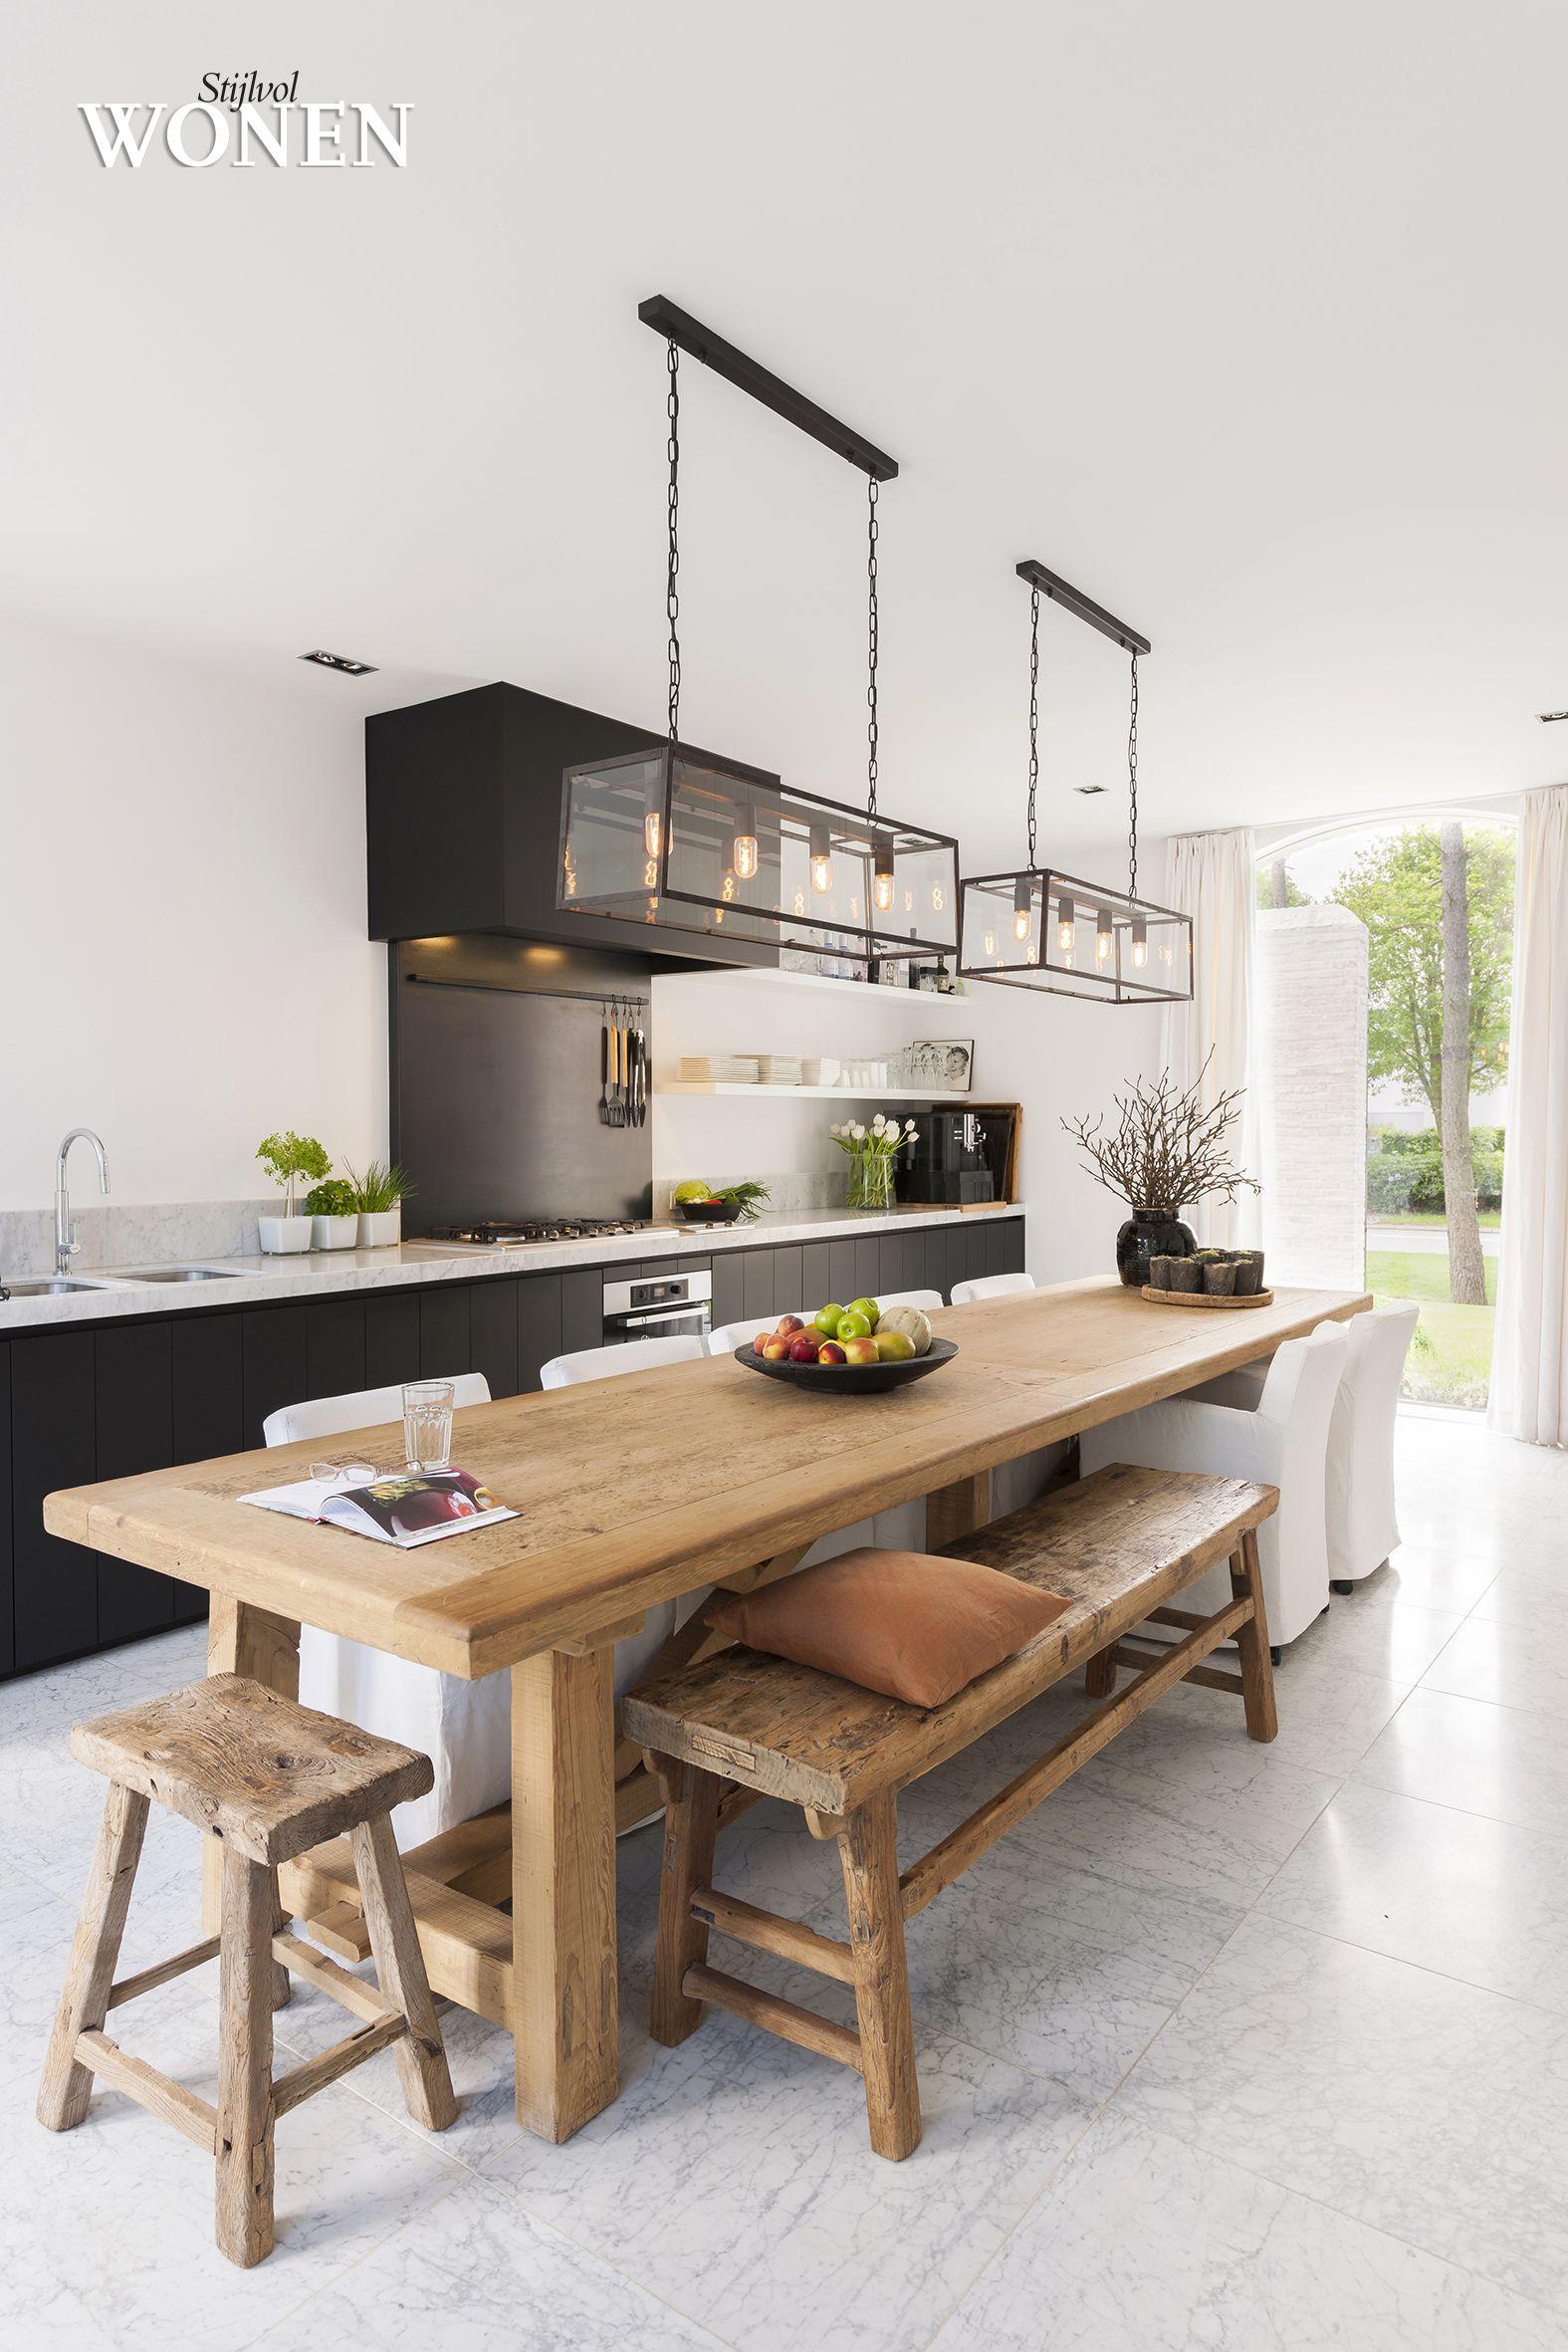 Pin von Kelli Johnson auf Kitchen. | Pinterest | Tisch, Küche und ...